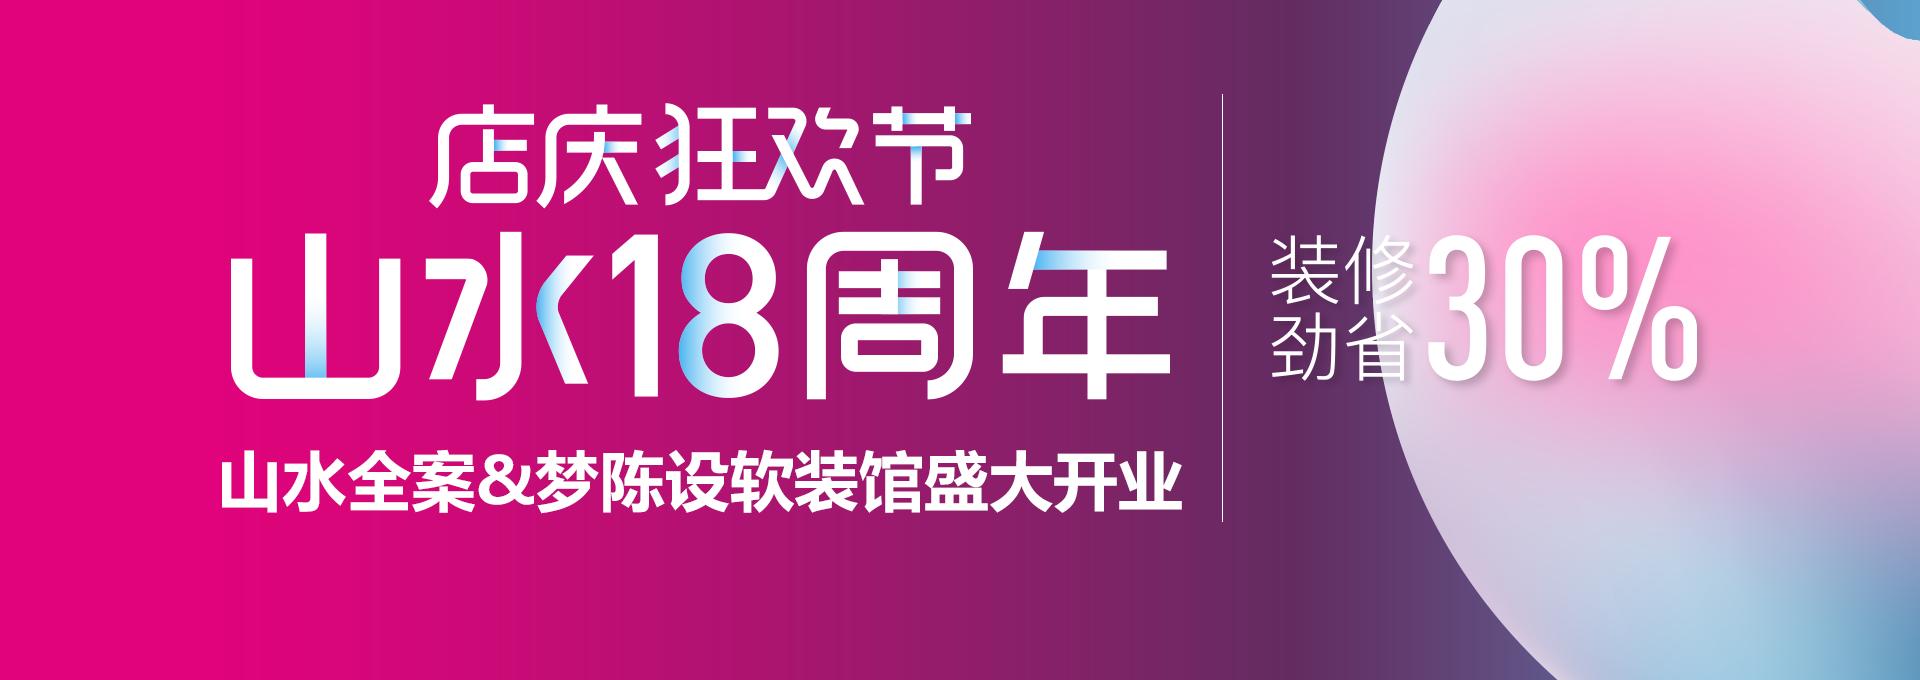 山水装饰集团-店庆狂欢节-山水18周年